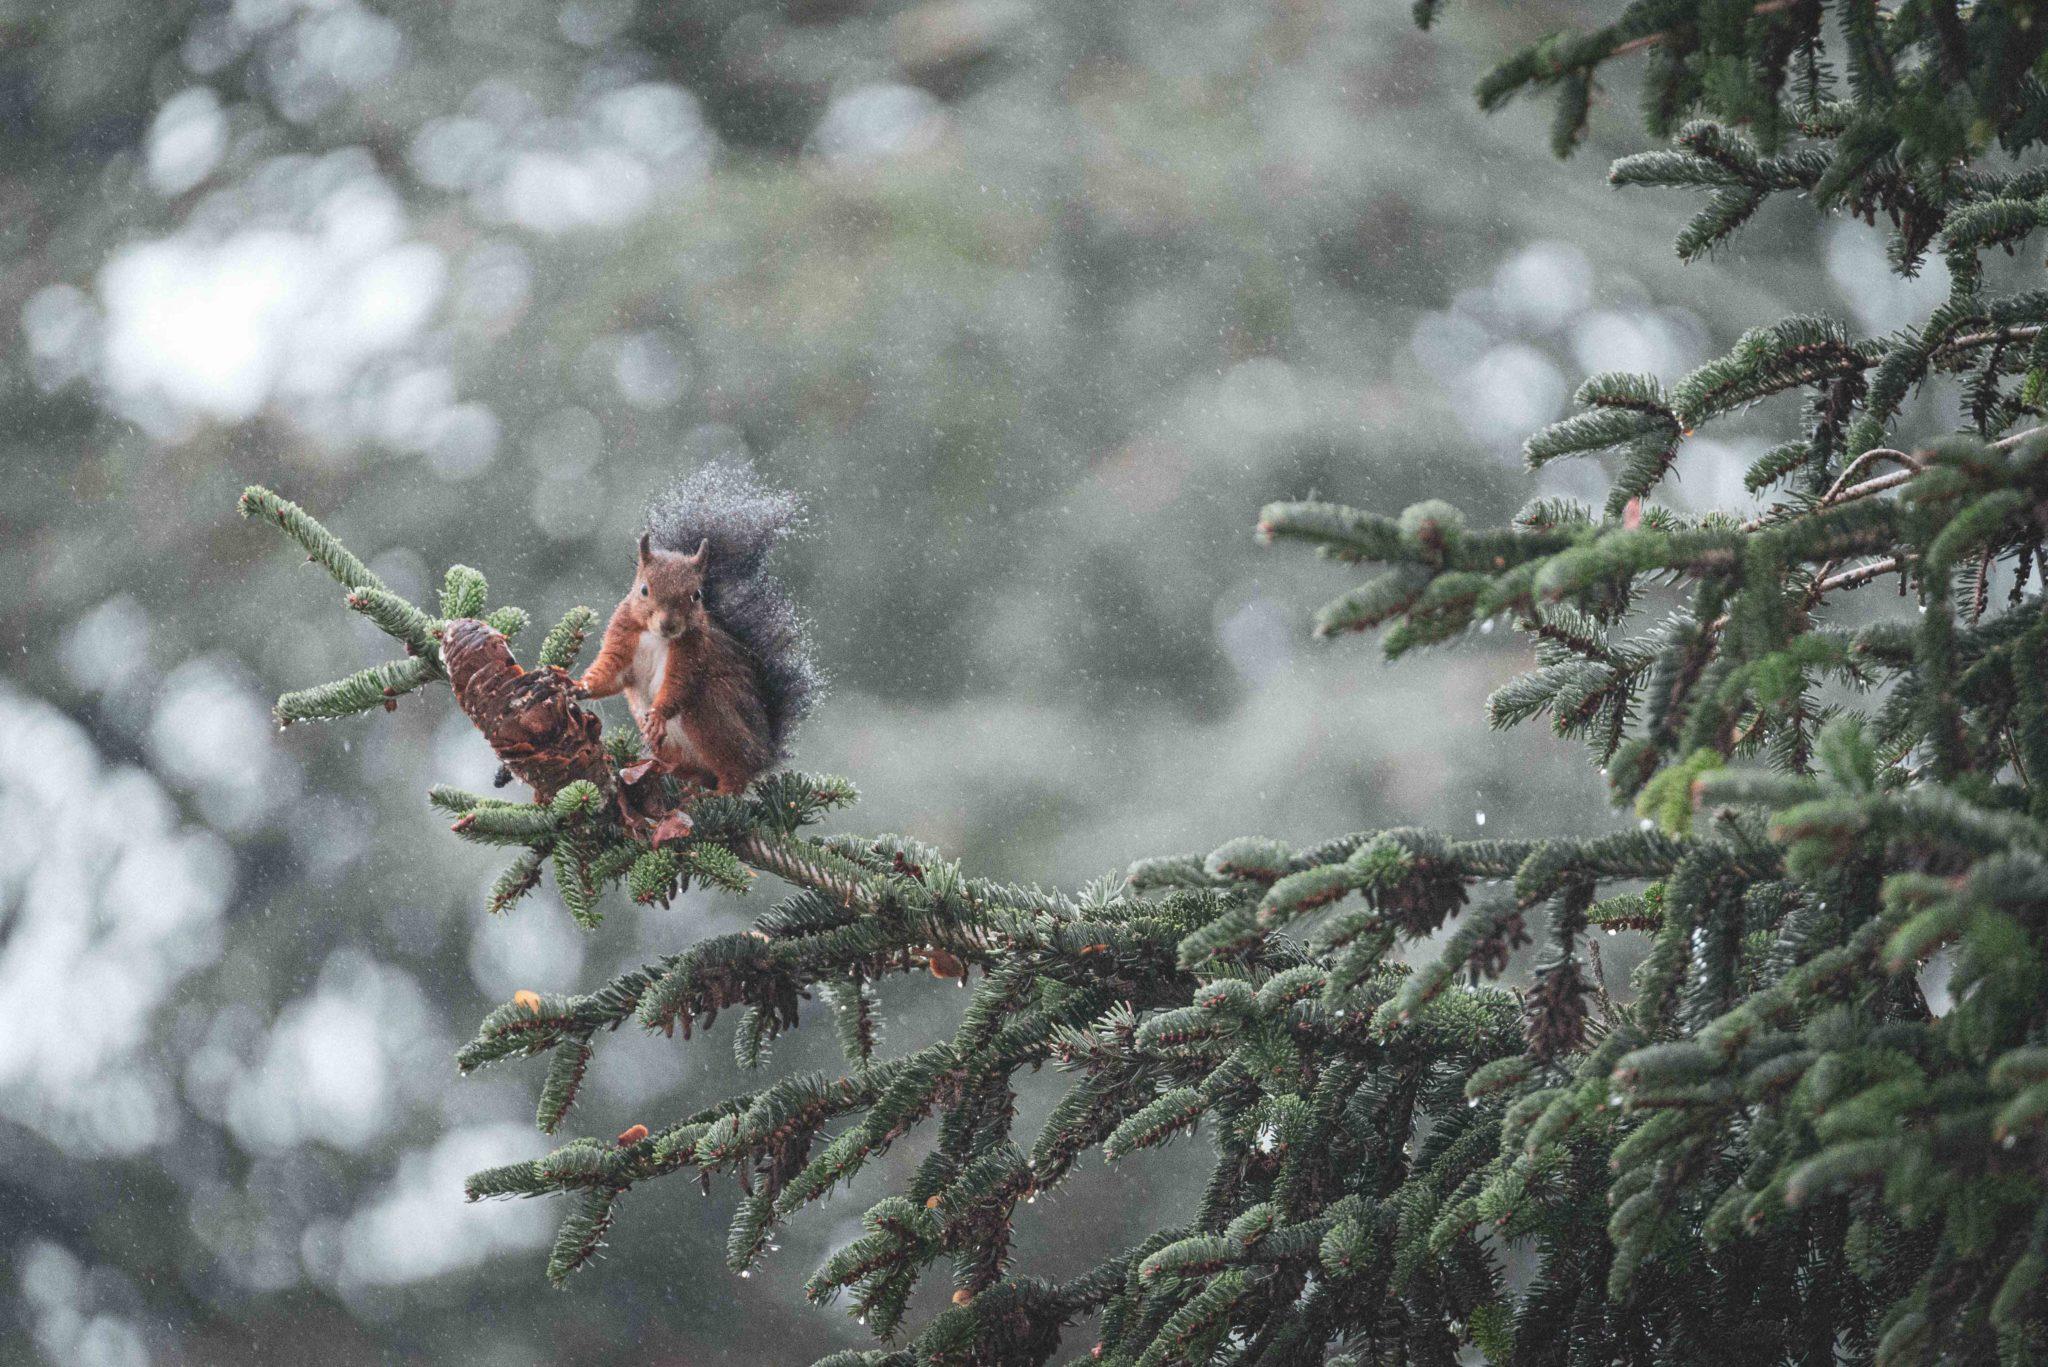 Eichhörnchen im Regen auf Tanne